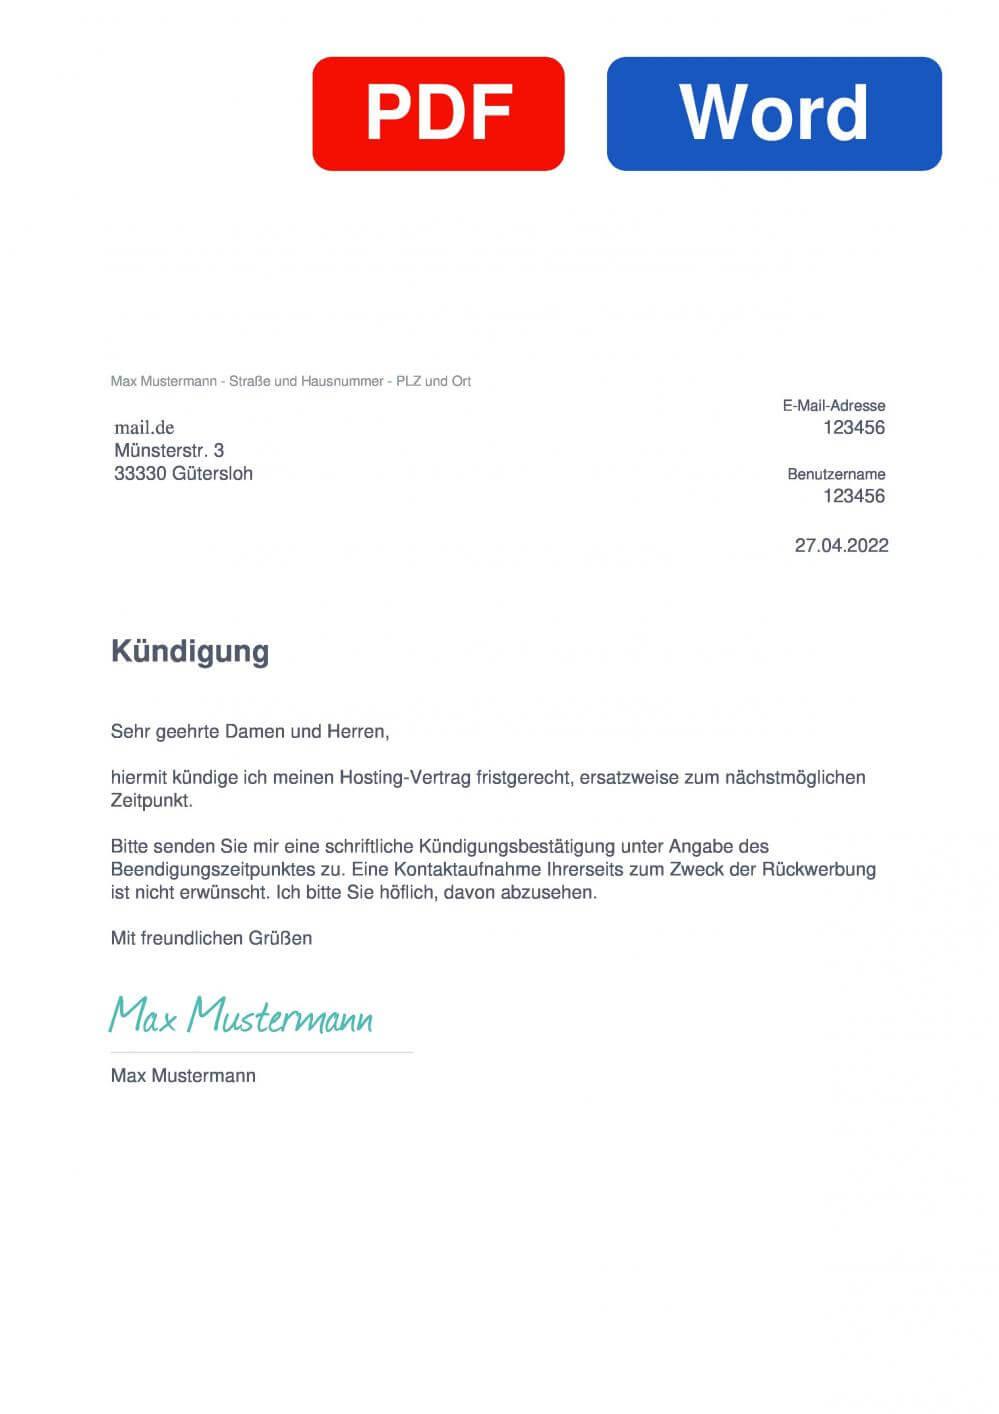 mail.de Muster Vorlage für Kündigungsschreiben